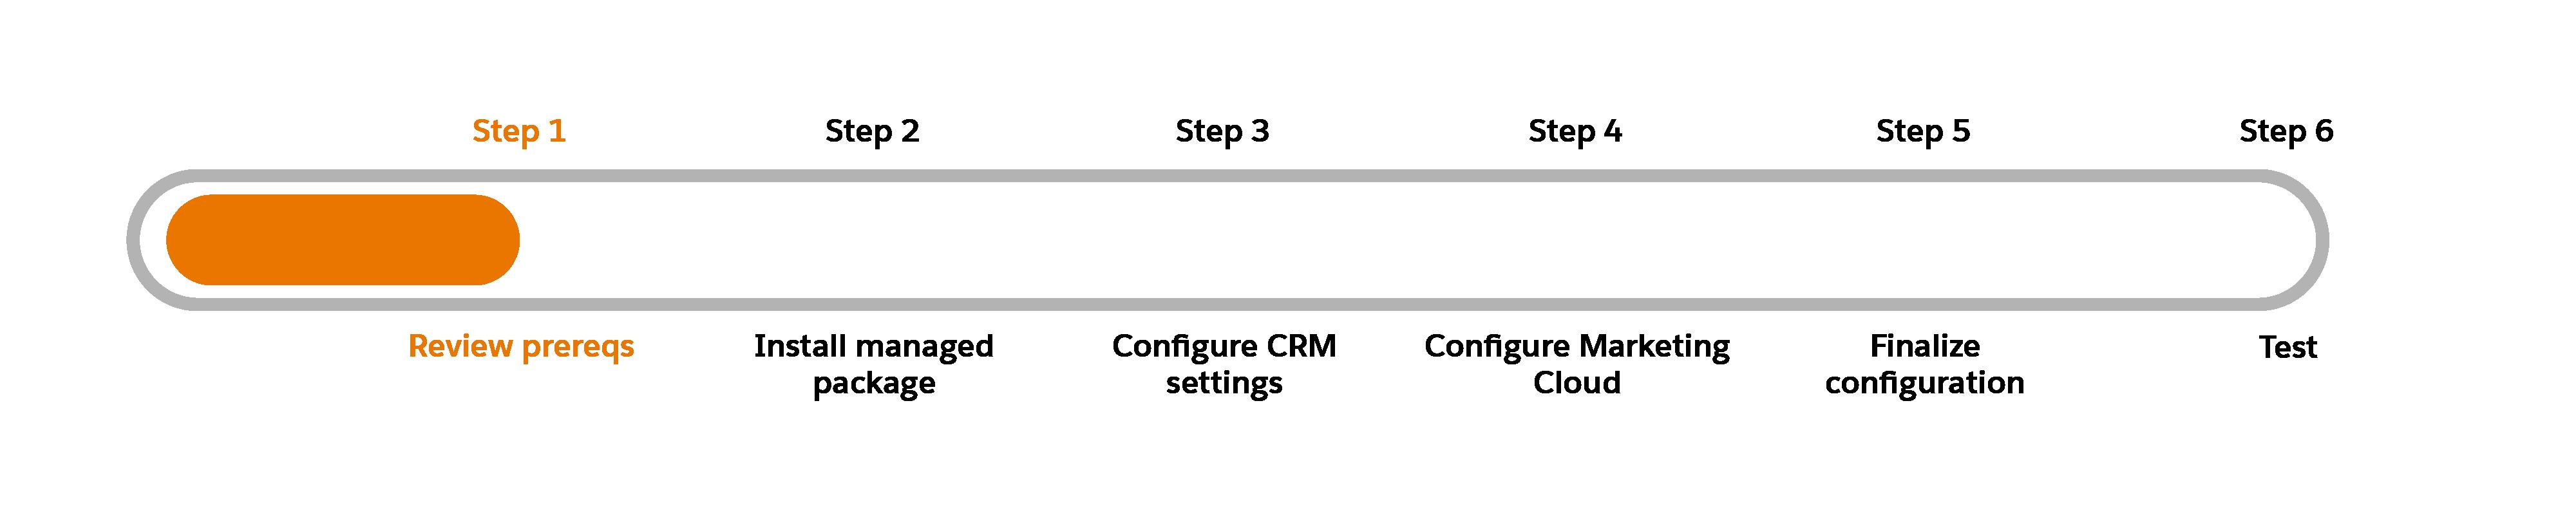 「ステップ 1: 前提条件を確認する」が強調表示されている進行状況チャート